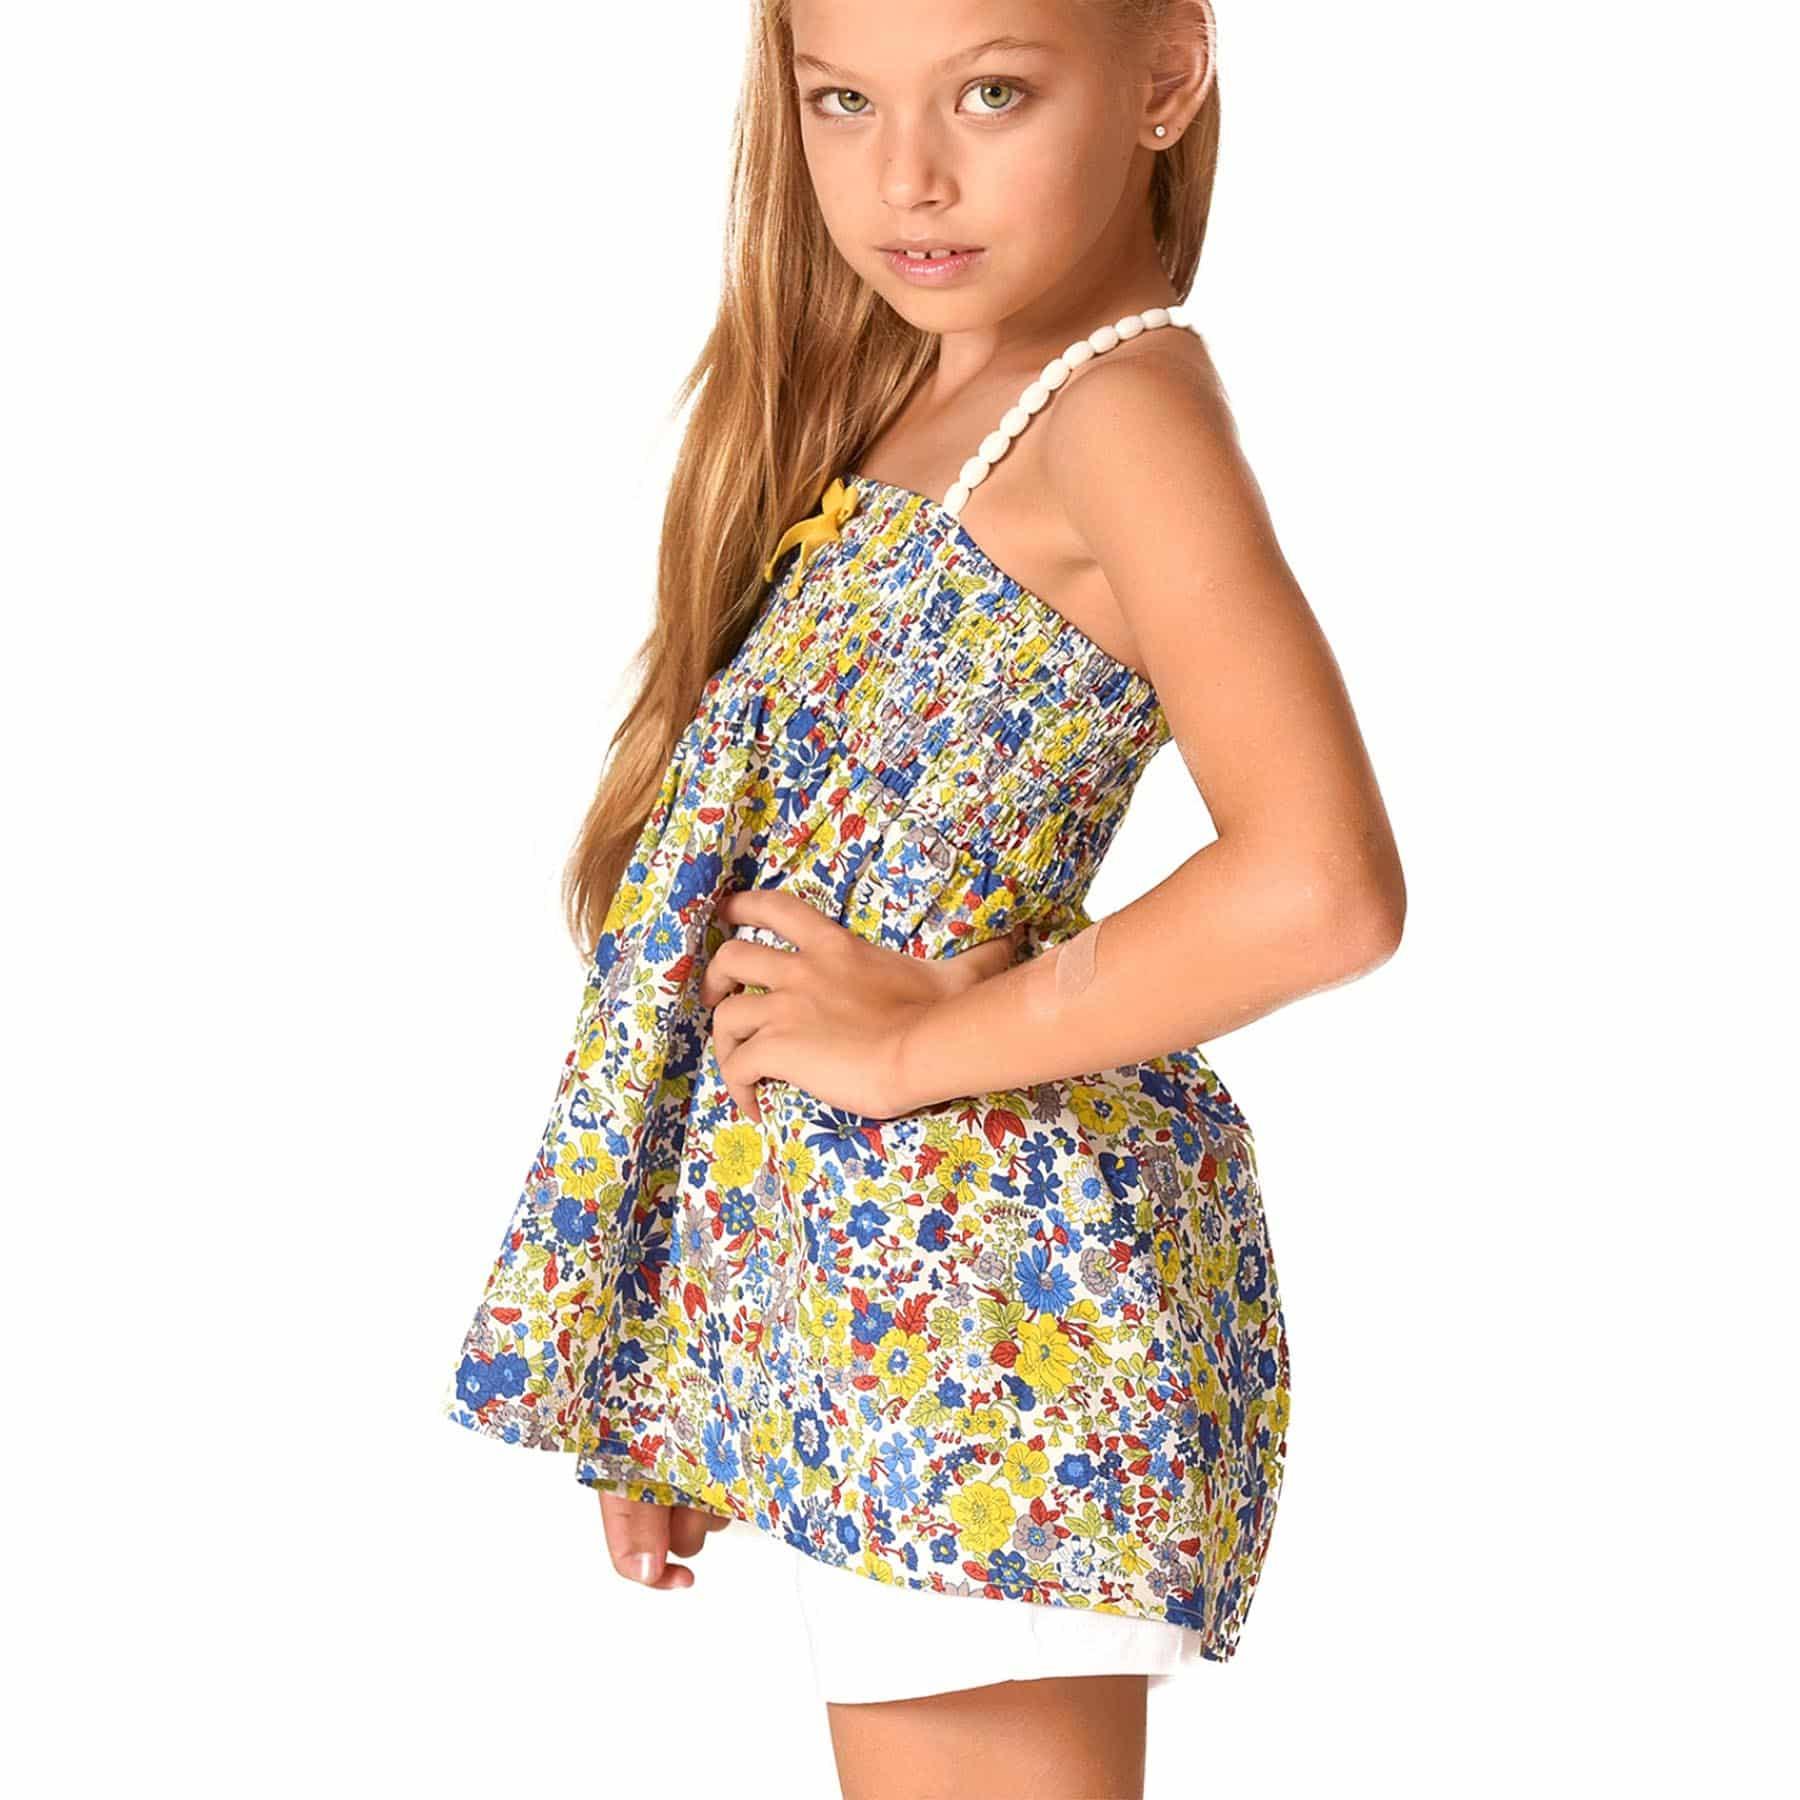 Haut été en coton fleuri liberty bleu roi et jaune avec poitrine à smocks et bretelles en pompons blancs pour filles de 2 à 12 ans